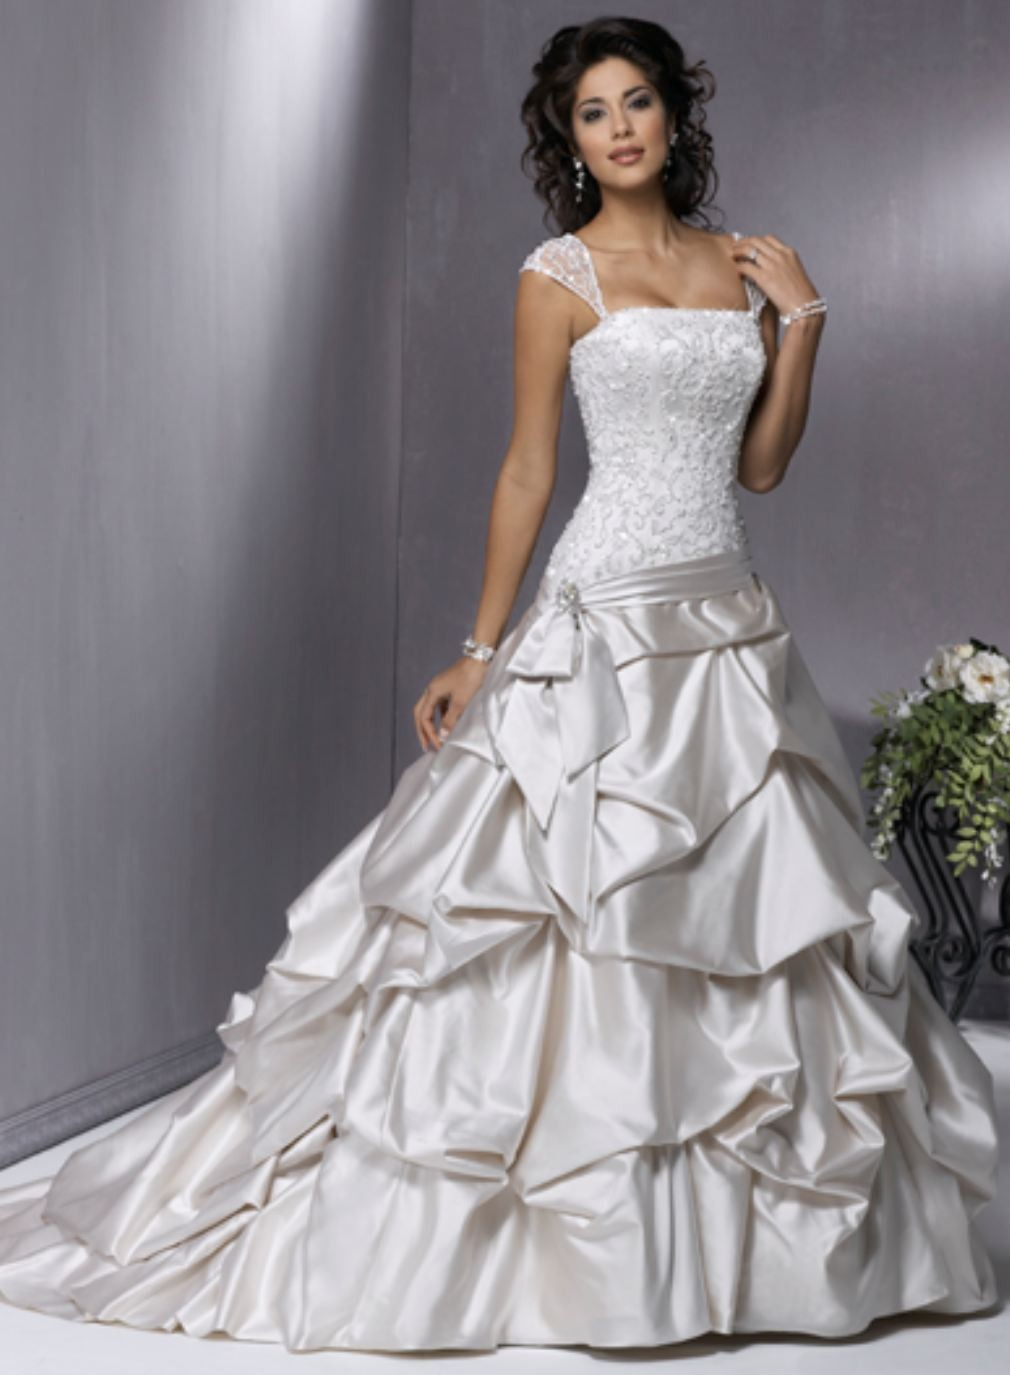 Svadobné šaty, čo sa mi páčia :) - Obrázok č. 382